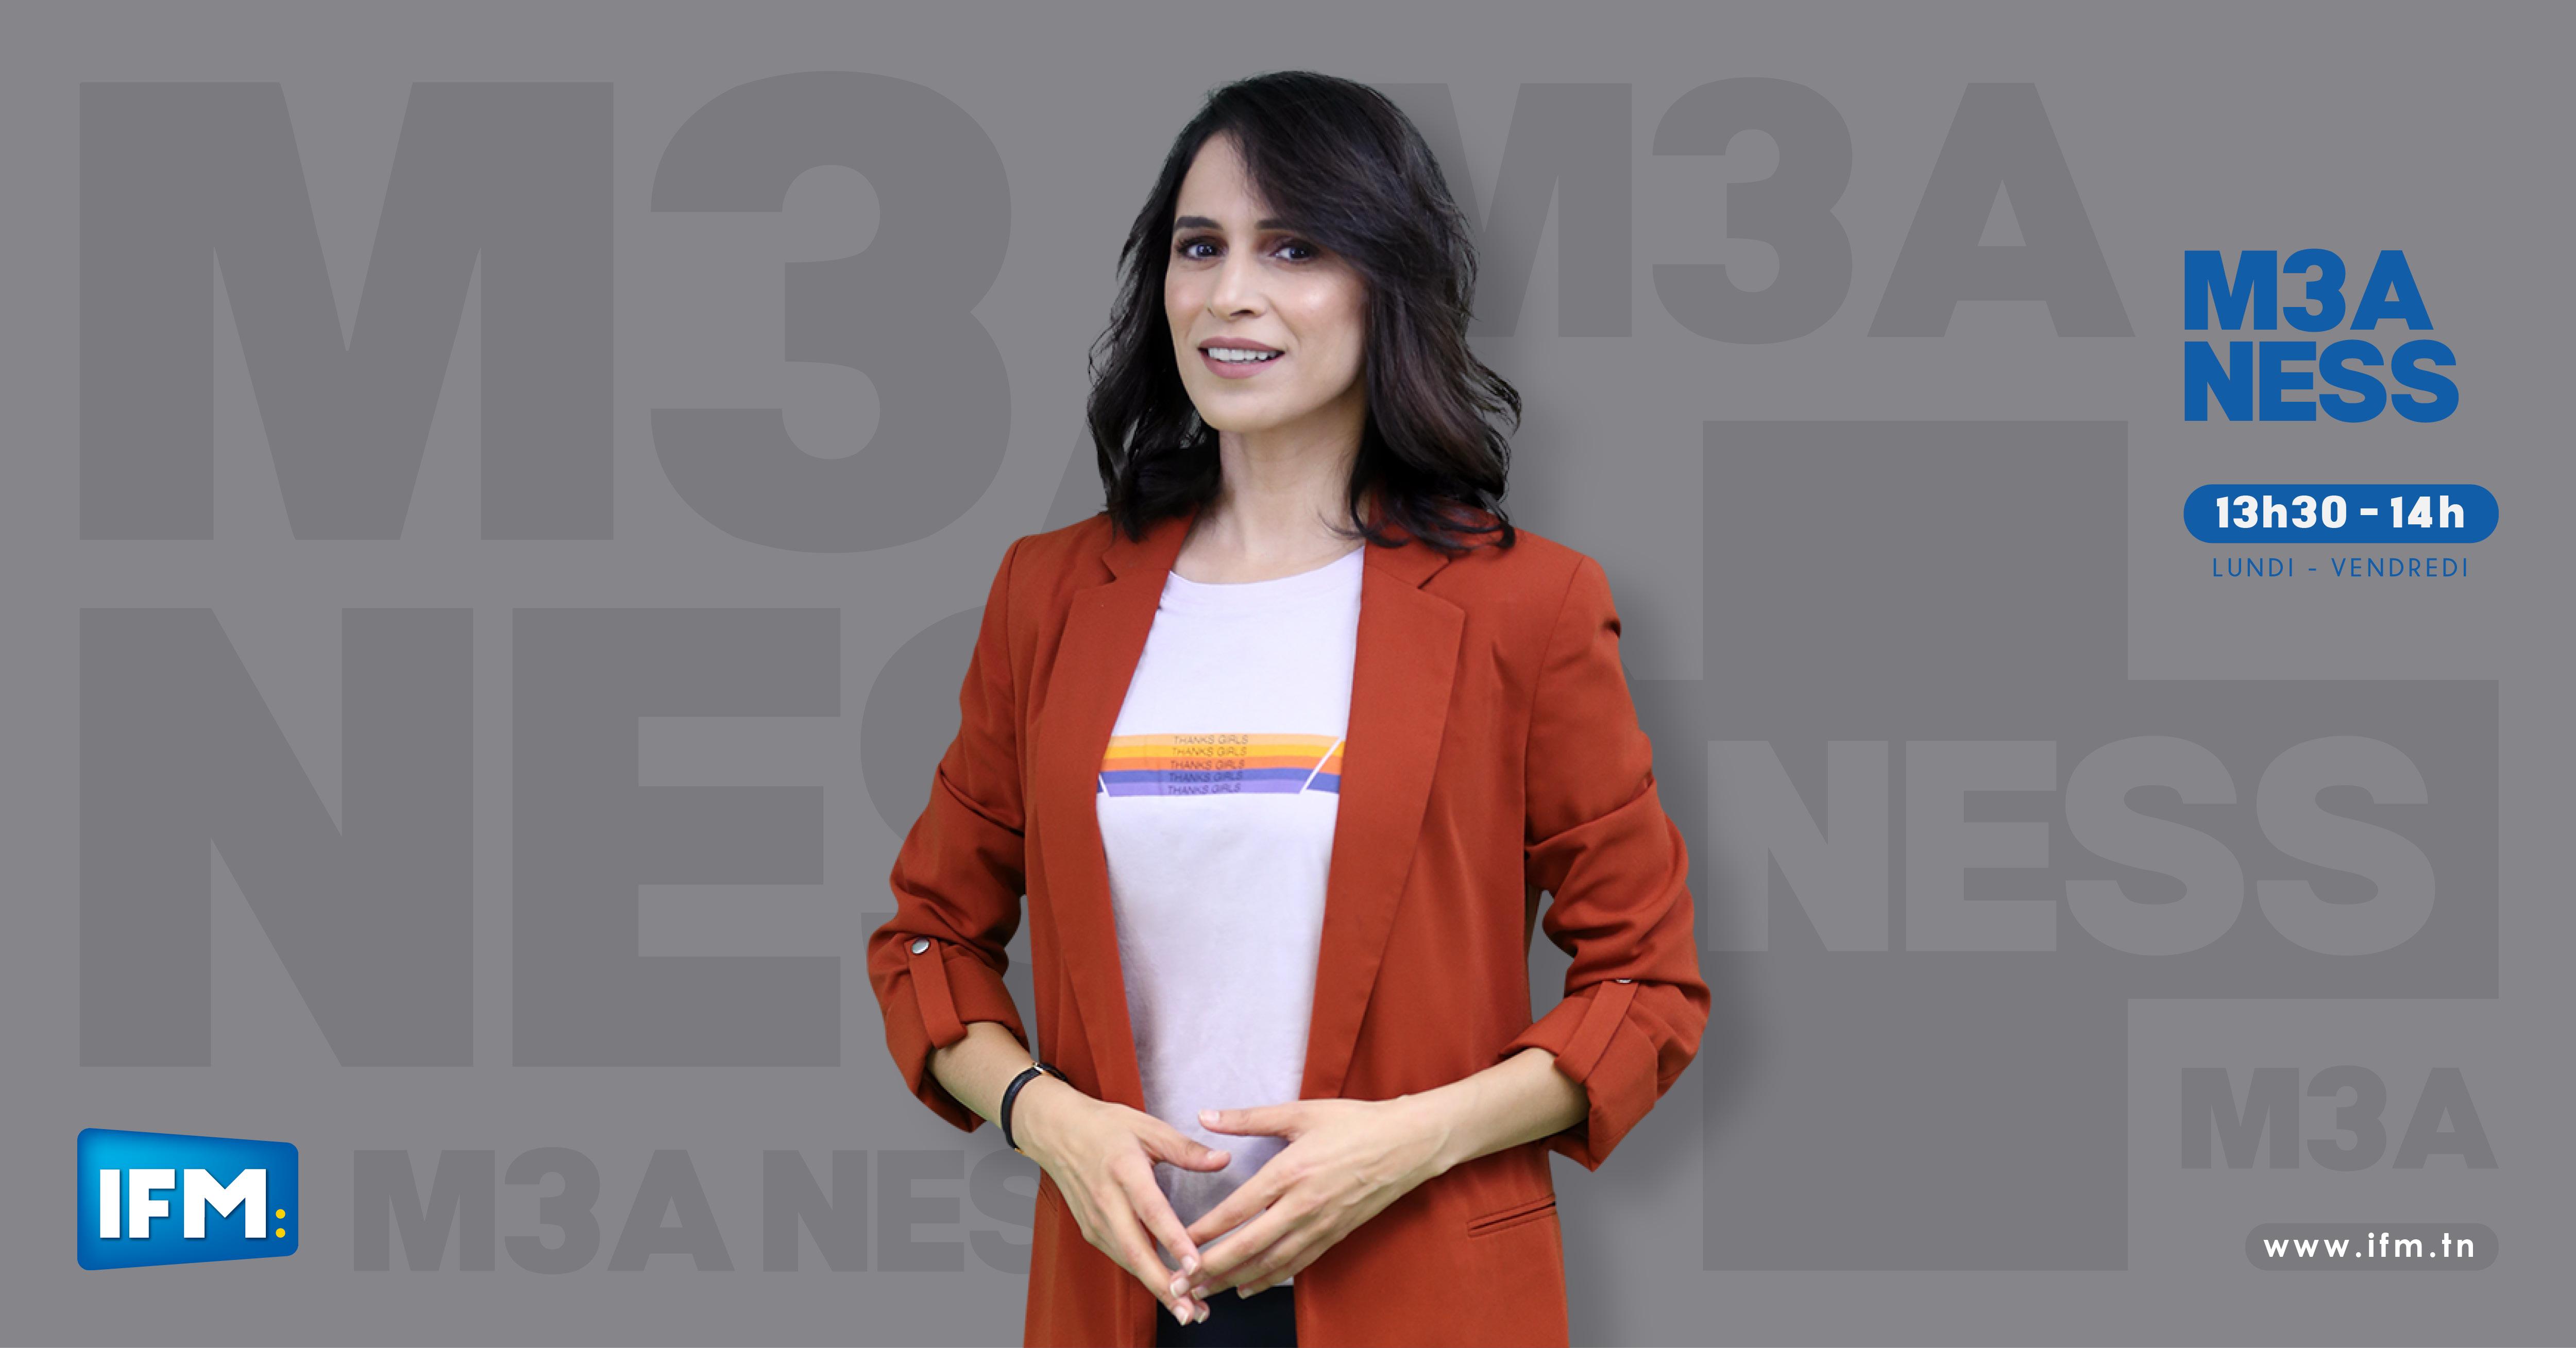 Maa Ness avec Zeineb Melki Maa Ness